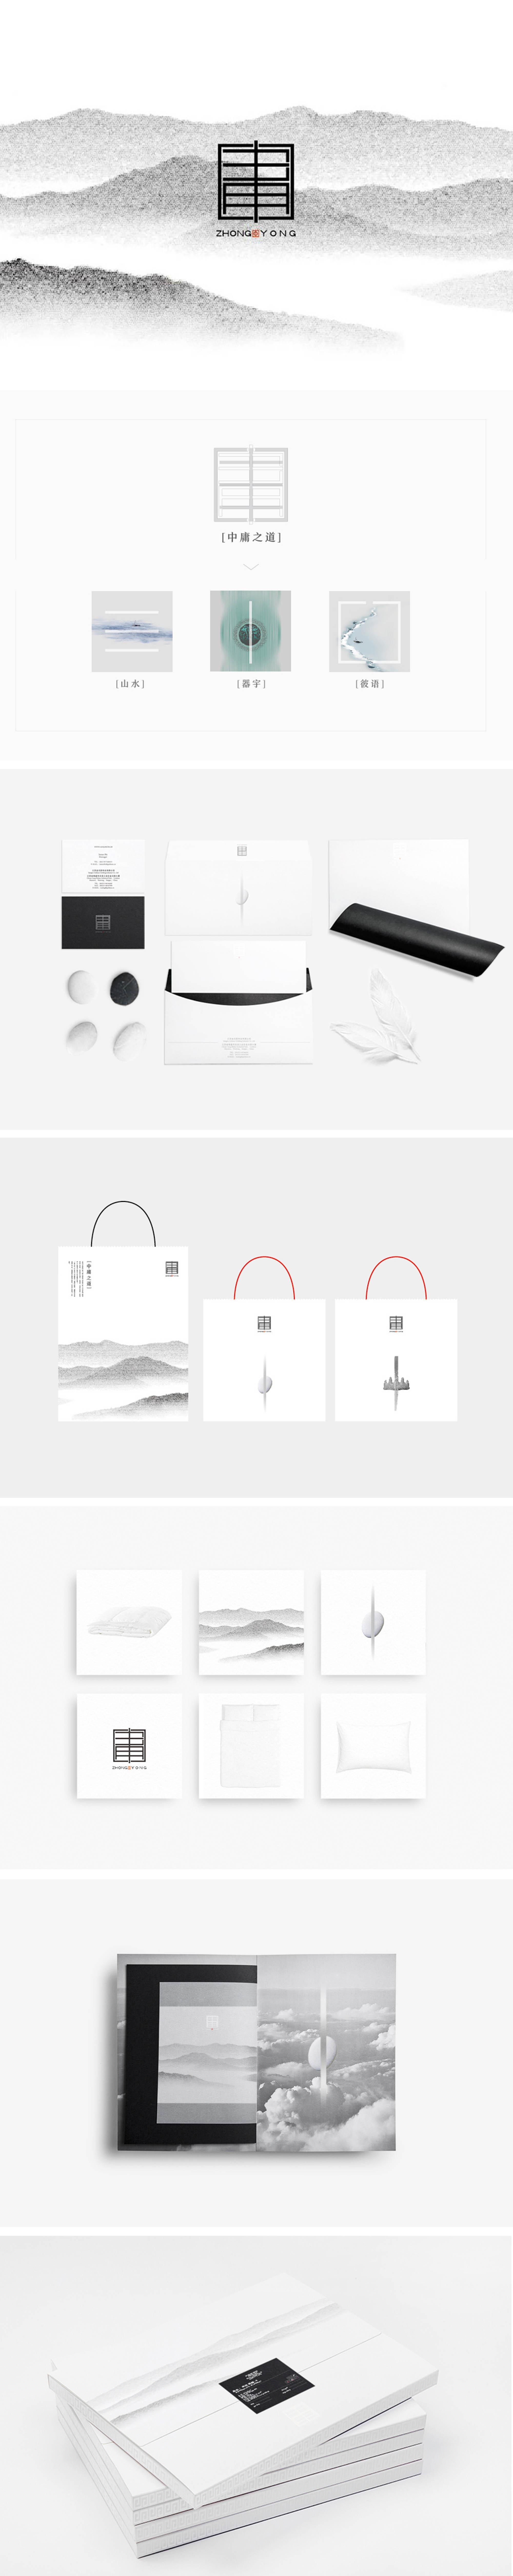 品牌案例|平面|品牌|smdaoli - 原创作品 - 站酷